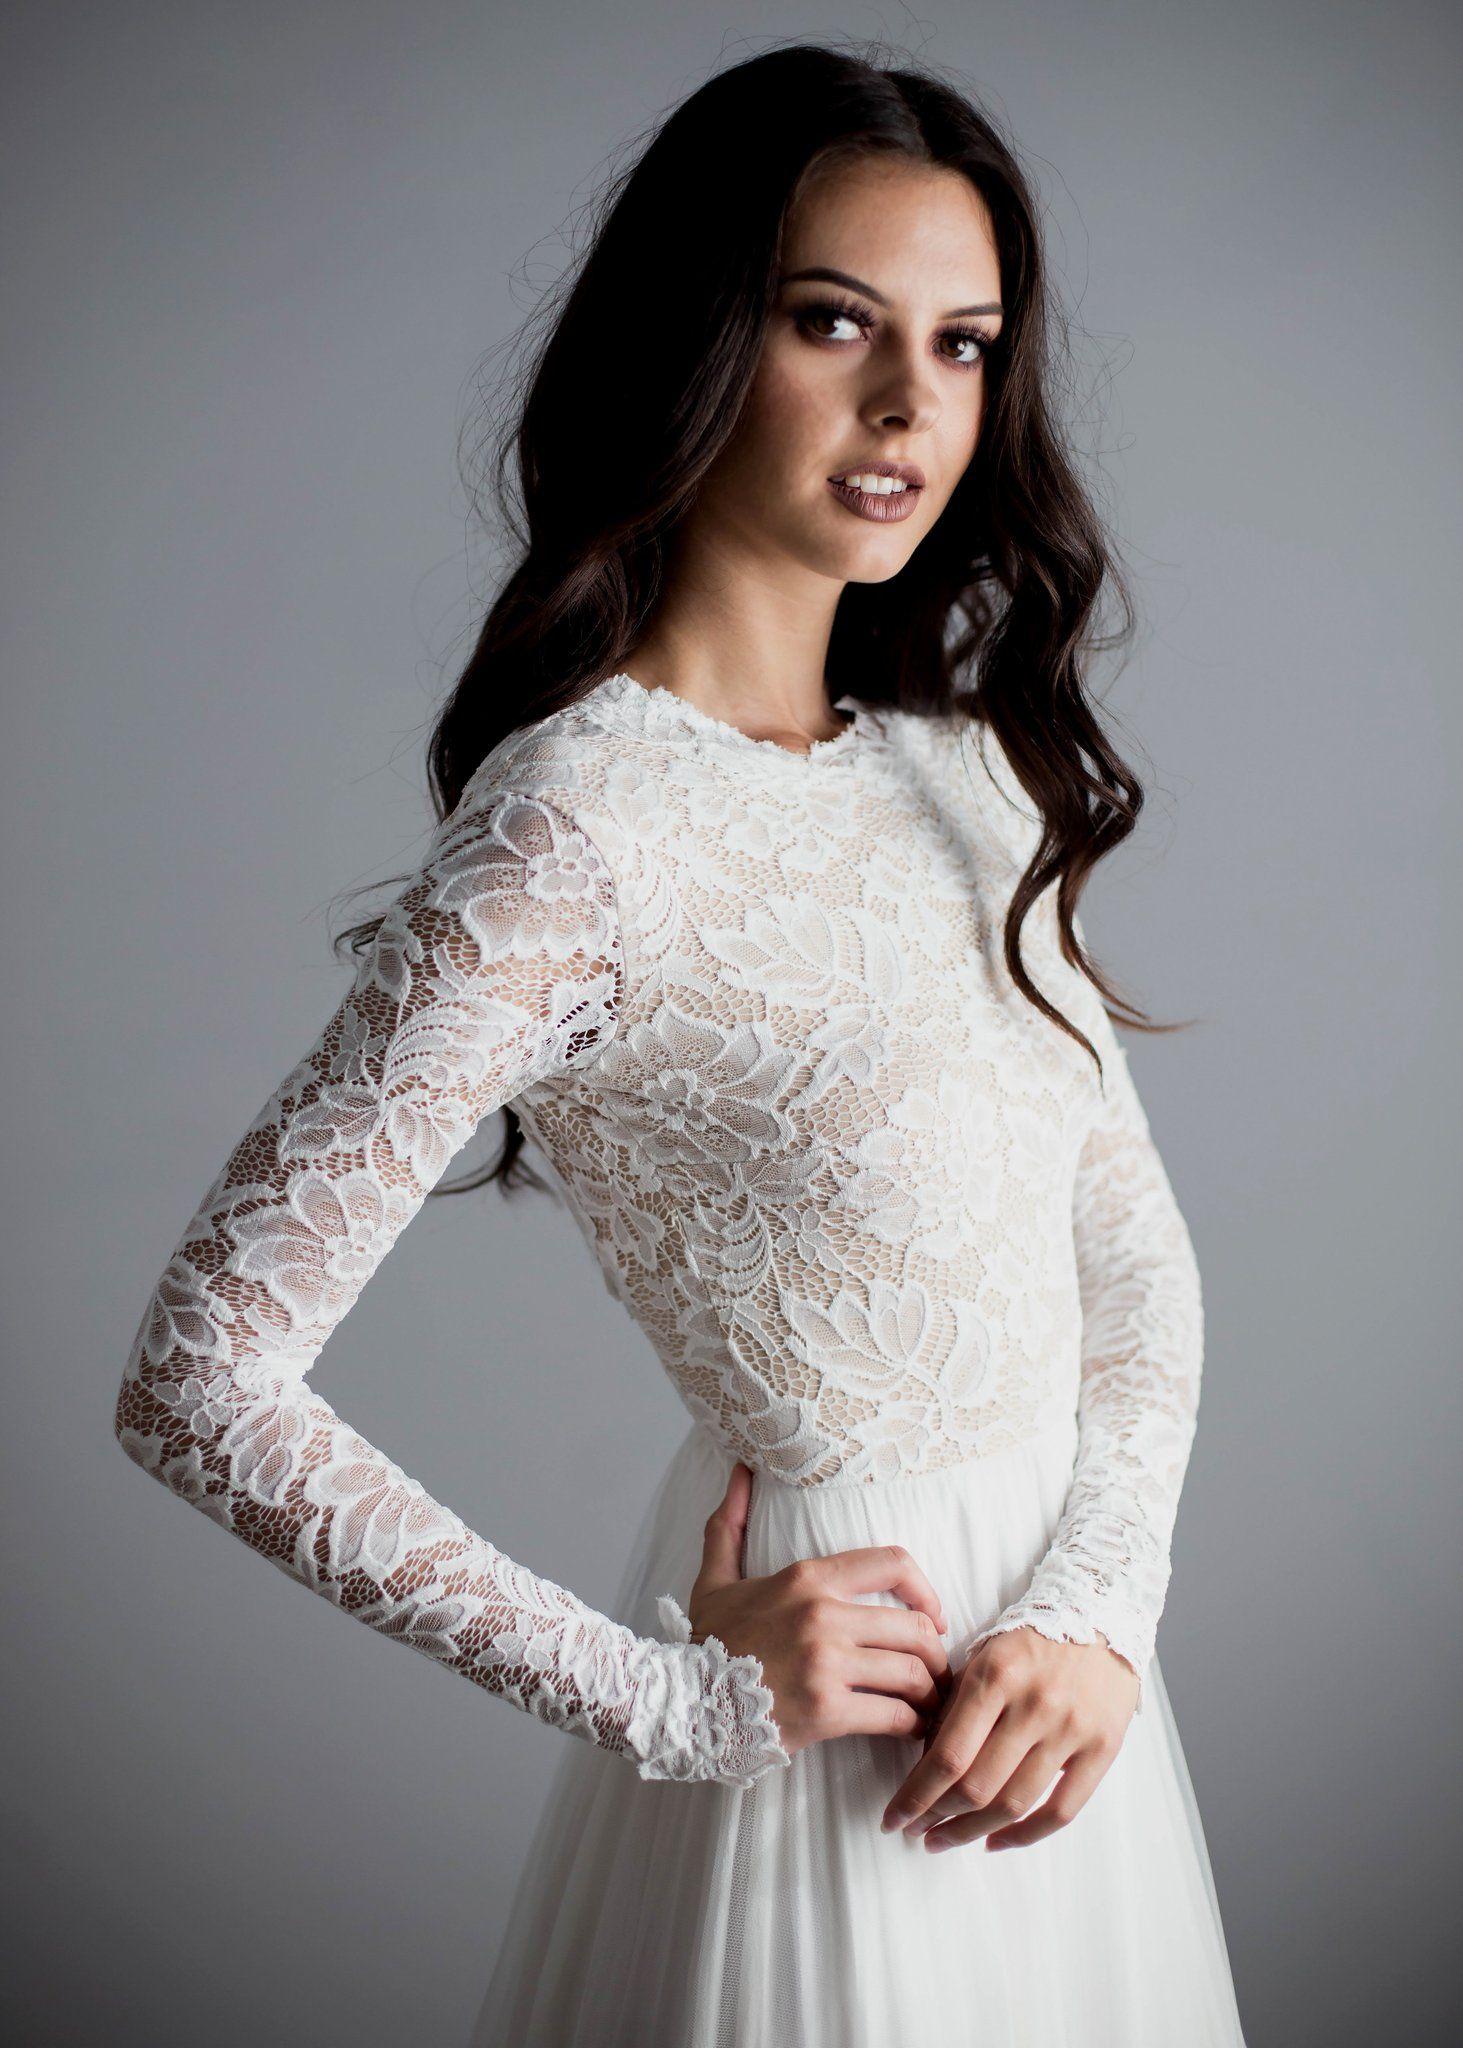 Zoey scoopback dress w ślubnaglowie pinterest wedding